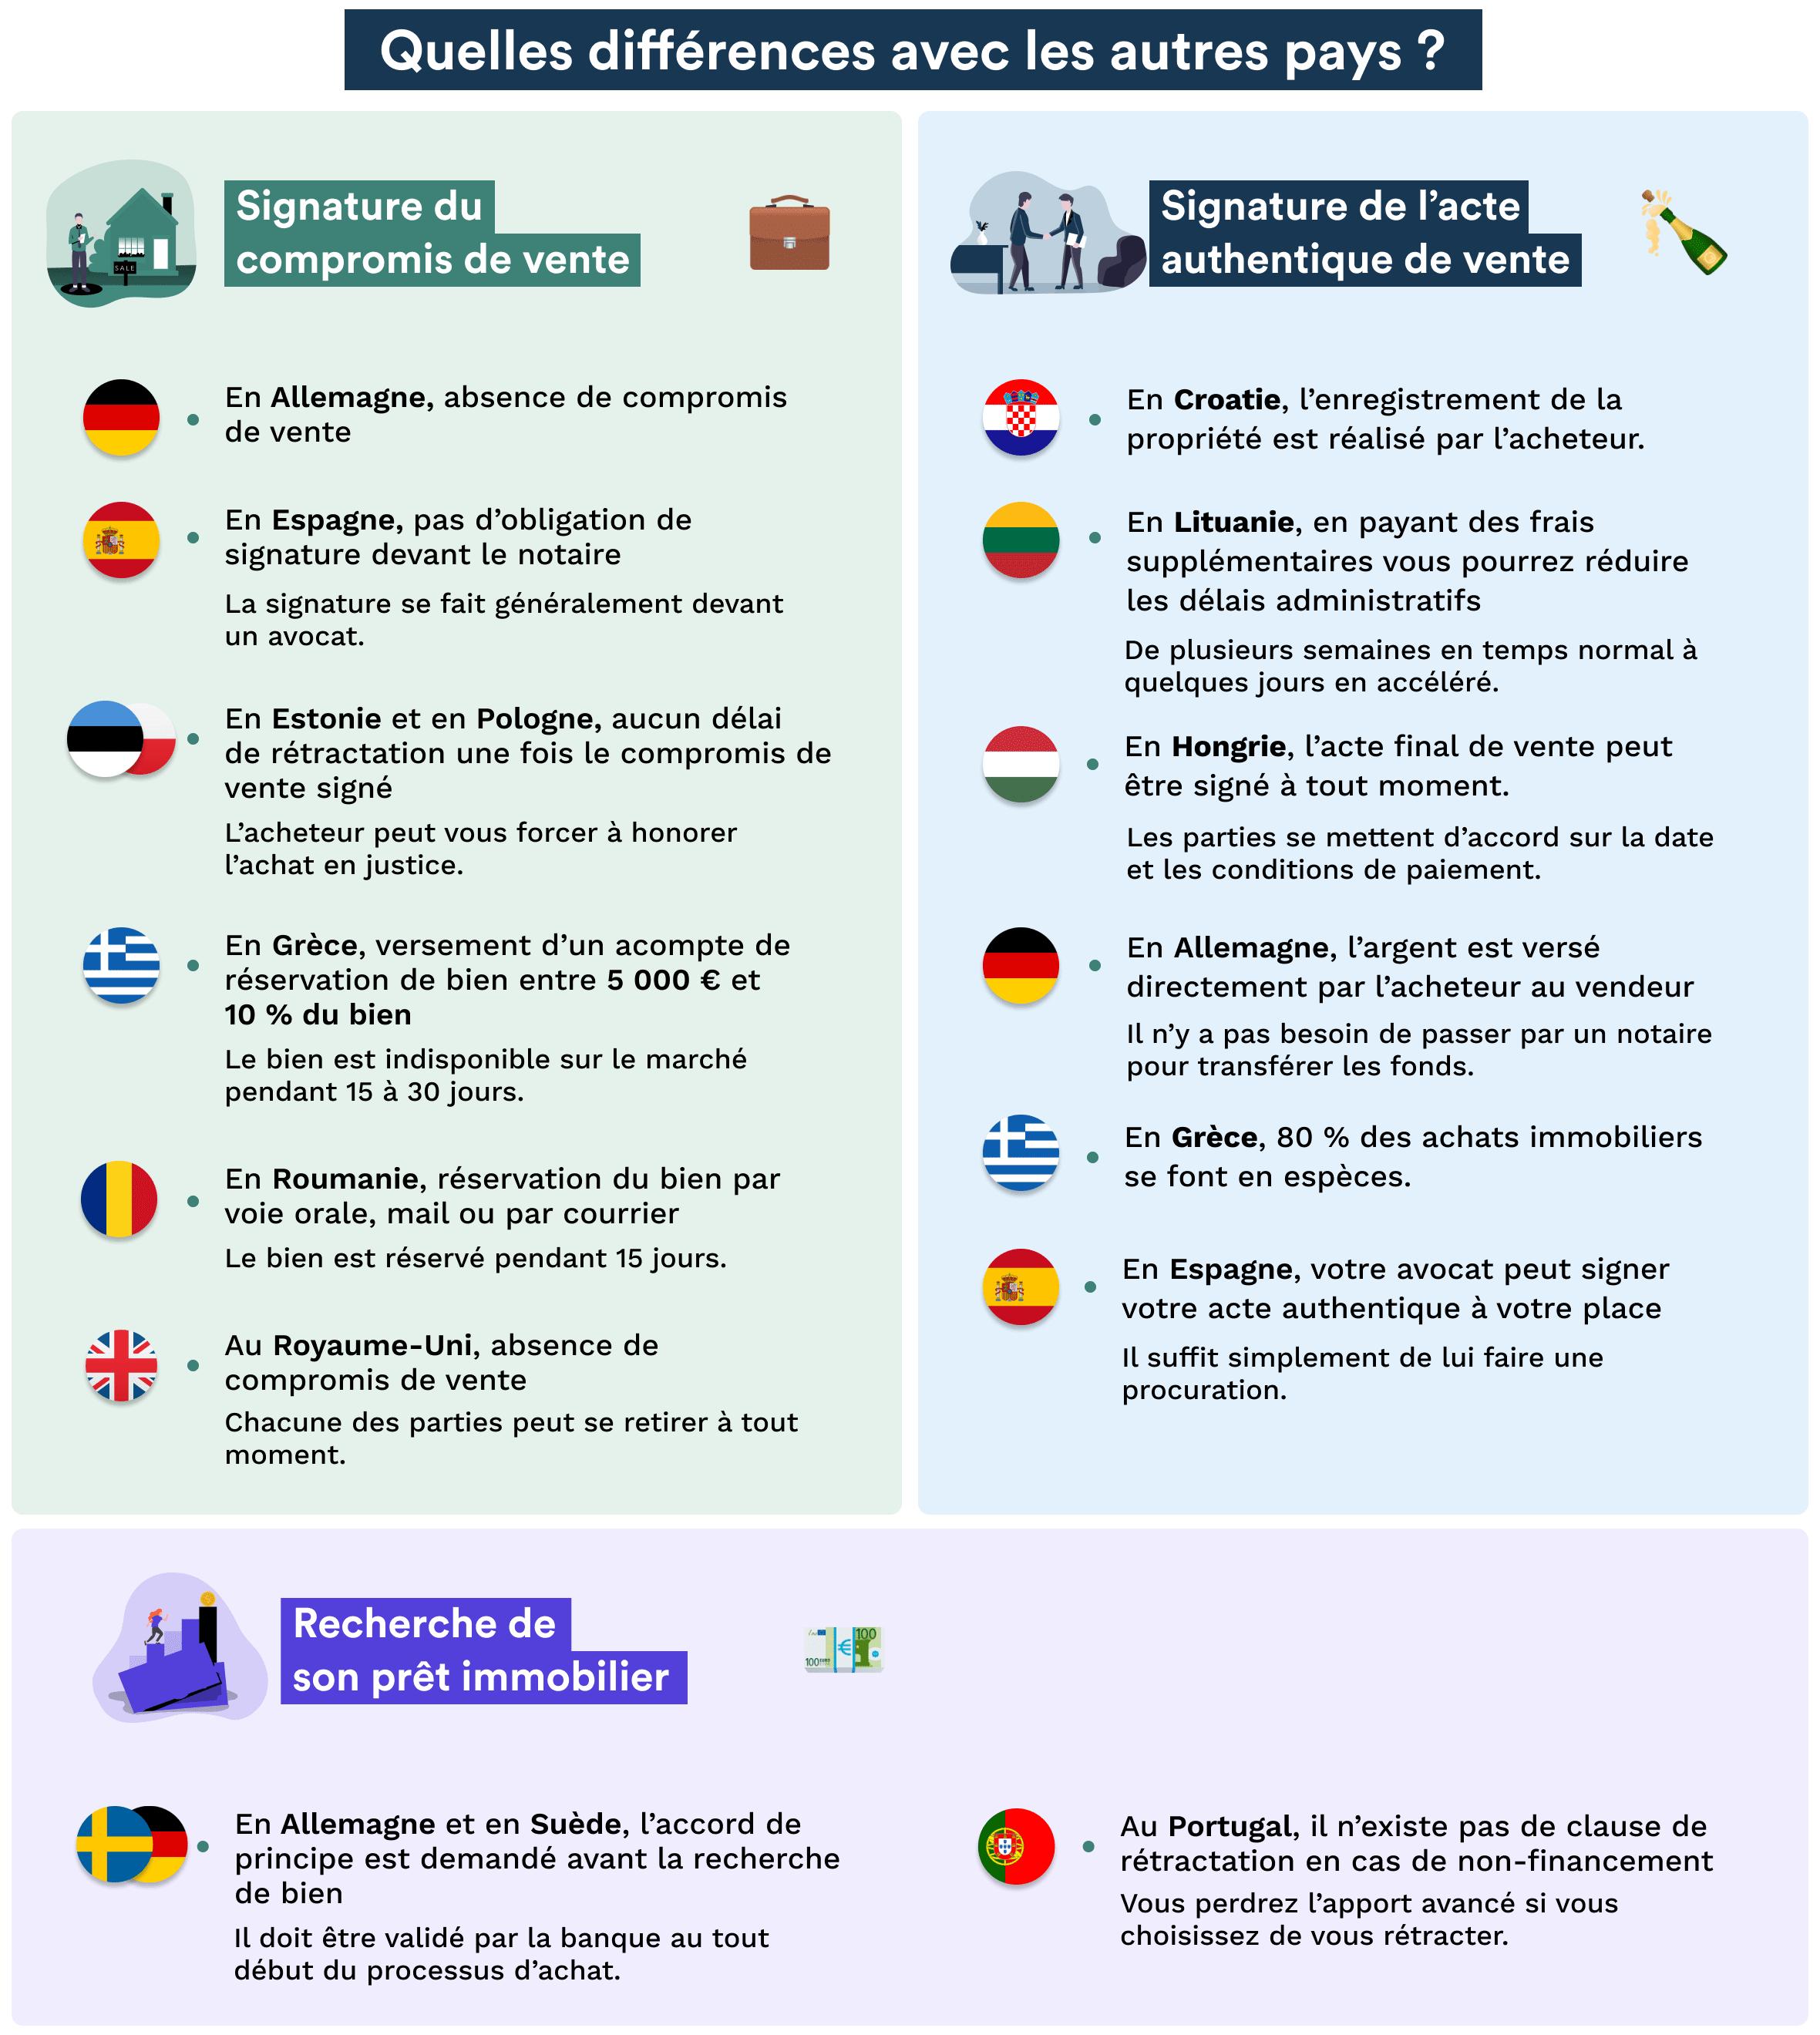 Infographie qui présente les différences dans le processus d'achat avec le reste de l'Europe